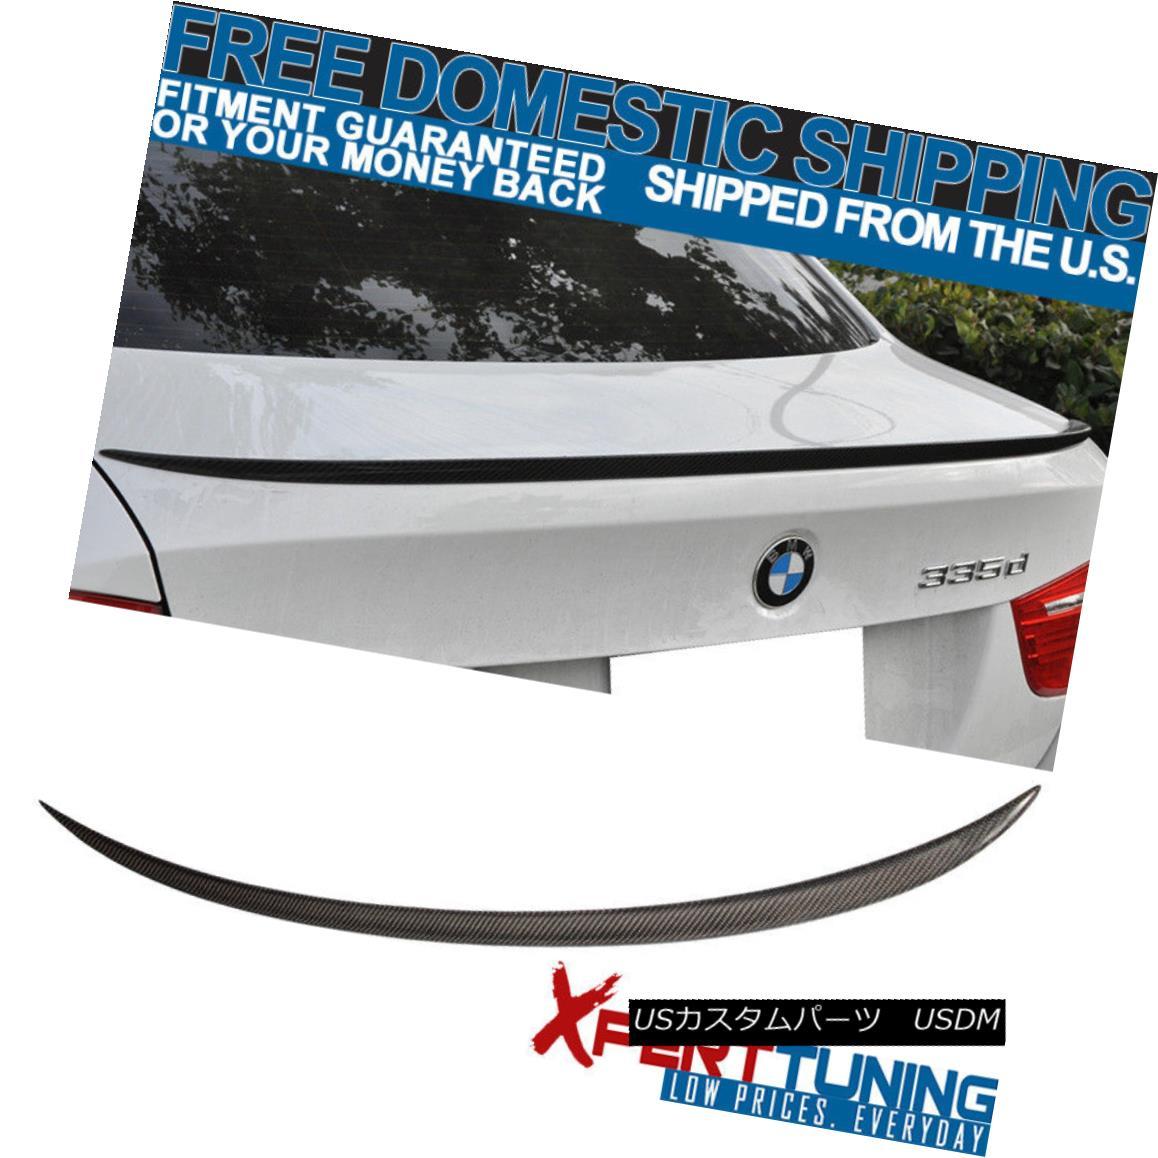 エアロパーツ For 05-11 BMW 3-Series E90 4D Sedan M3 Carbon Fiber Rear CF Trunk Spoiler Wing 05-11 BMW 3シリーズE90 4DセダンM3カーボンファイバーリアCFトランクスポイラーウイング